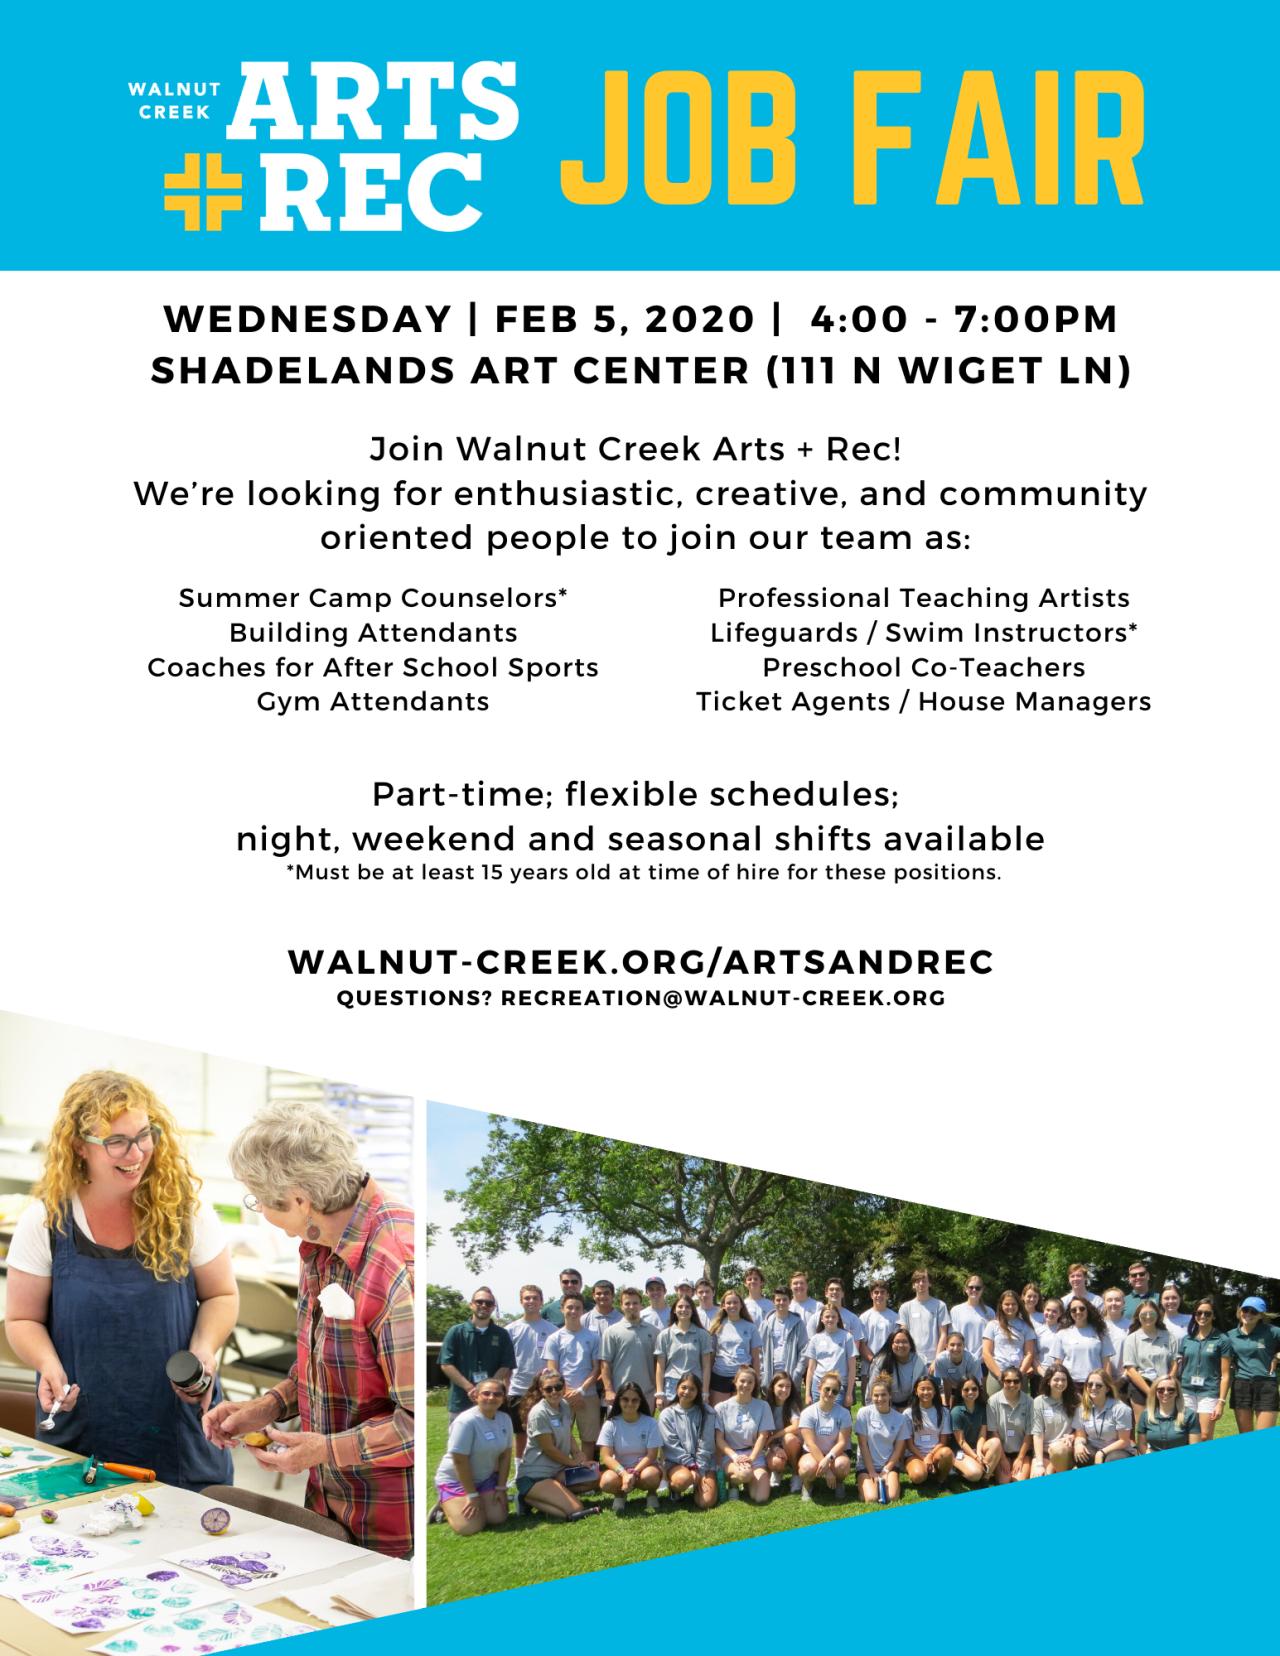 Arts Rec Job Fair City Events Calendar City Of Walnut Creek